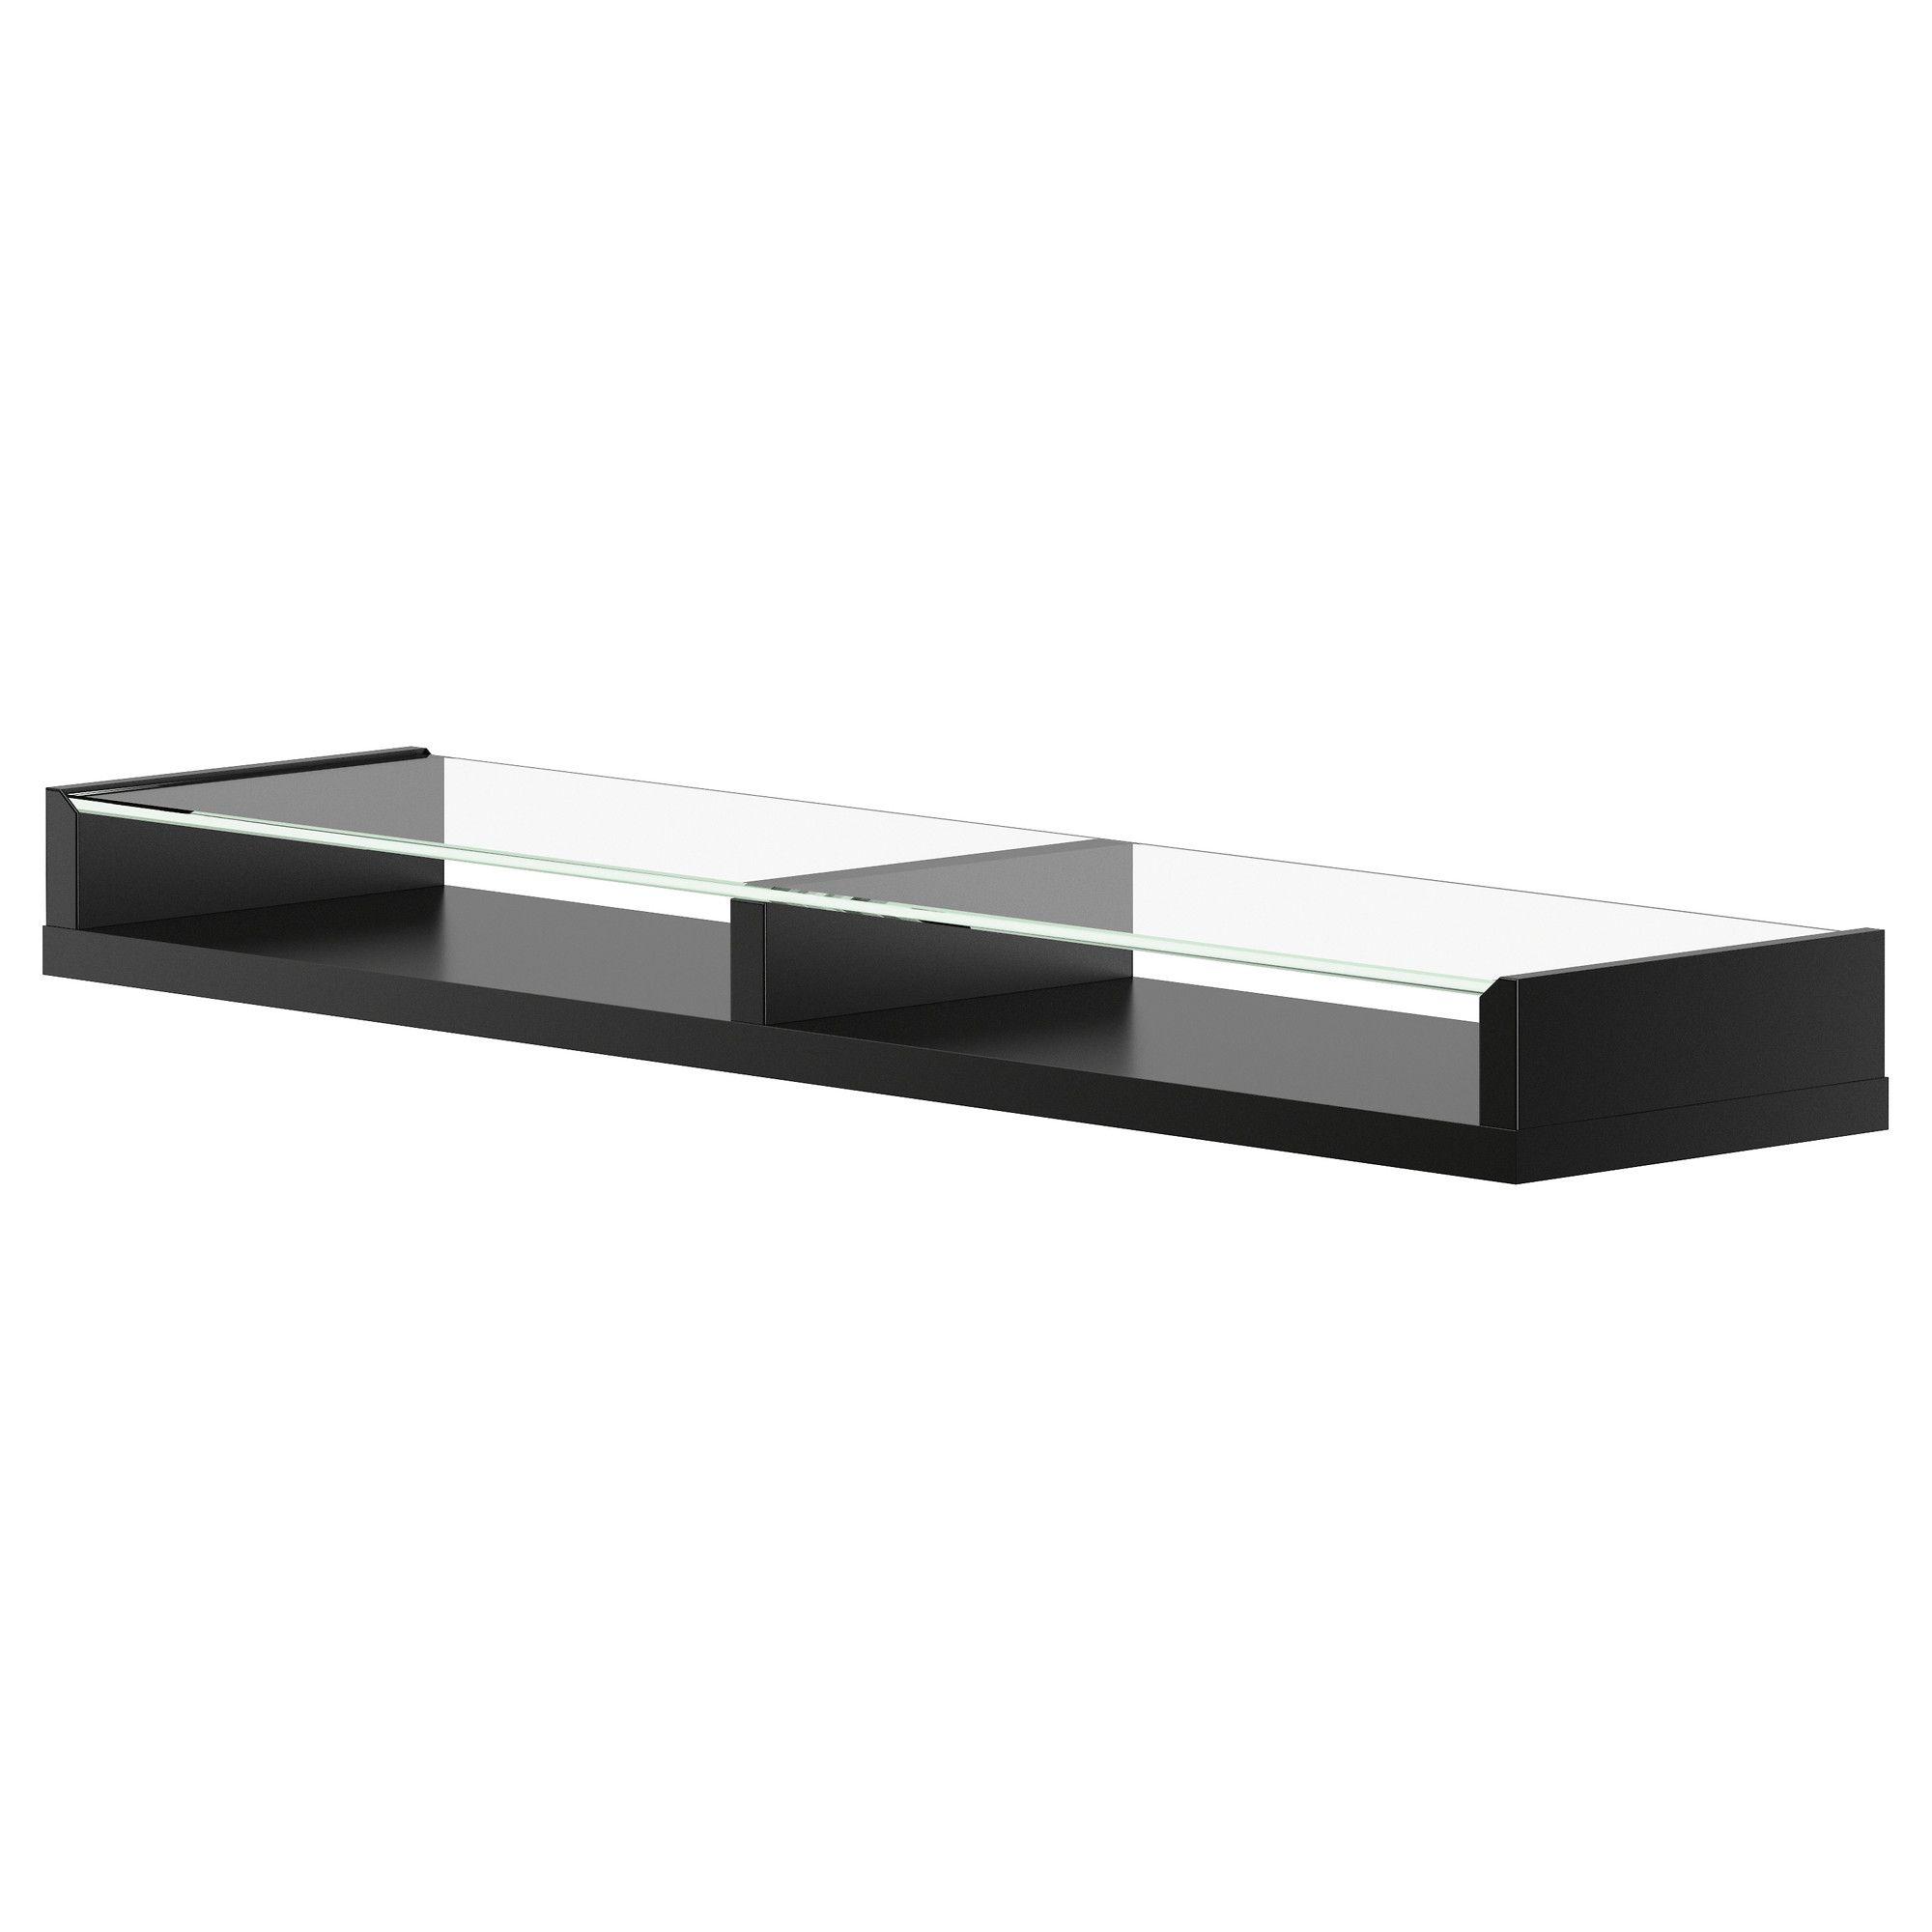 EKBY GRUVAN Plank - IKEA